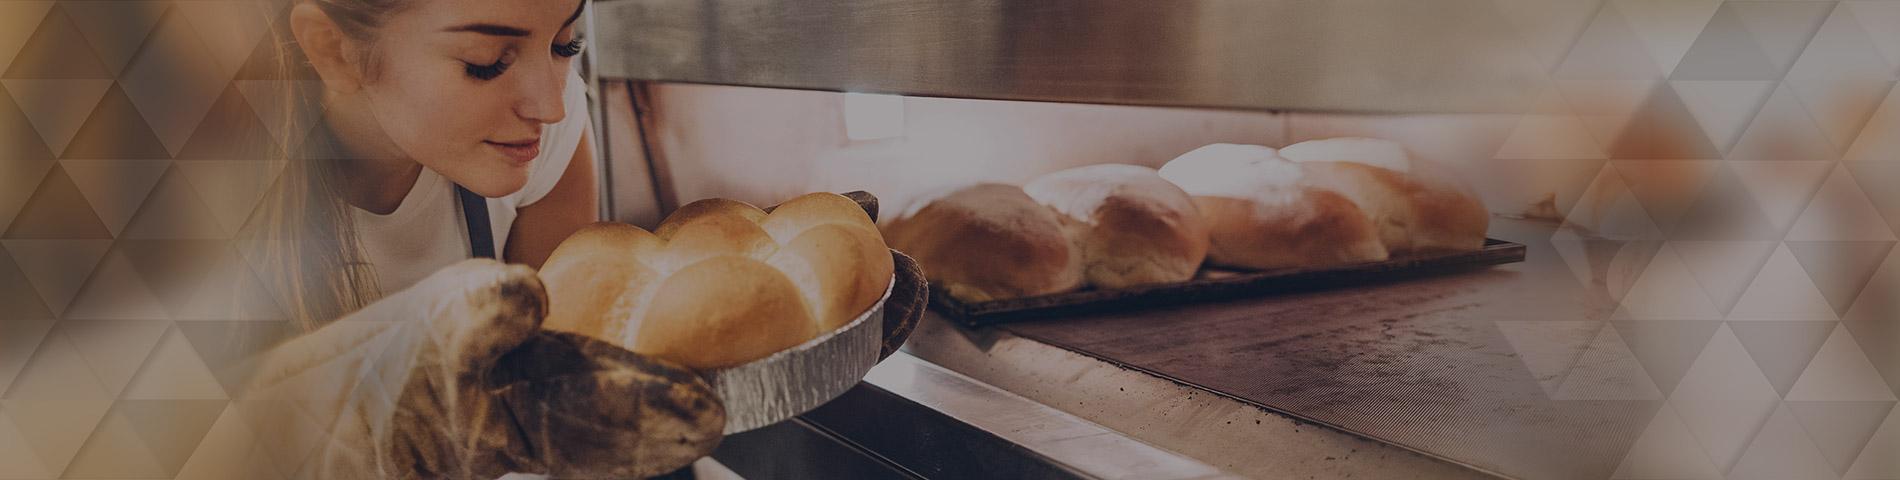 私たちはパン屋が大好きです